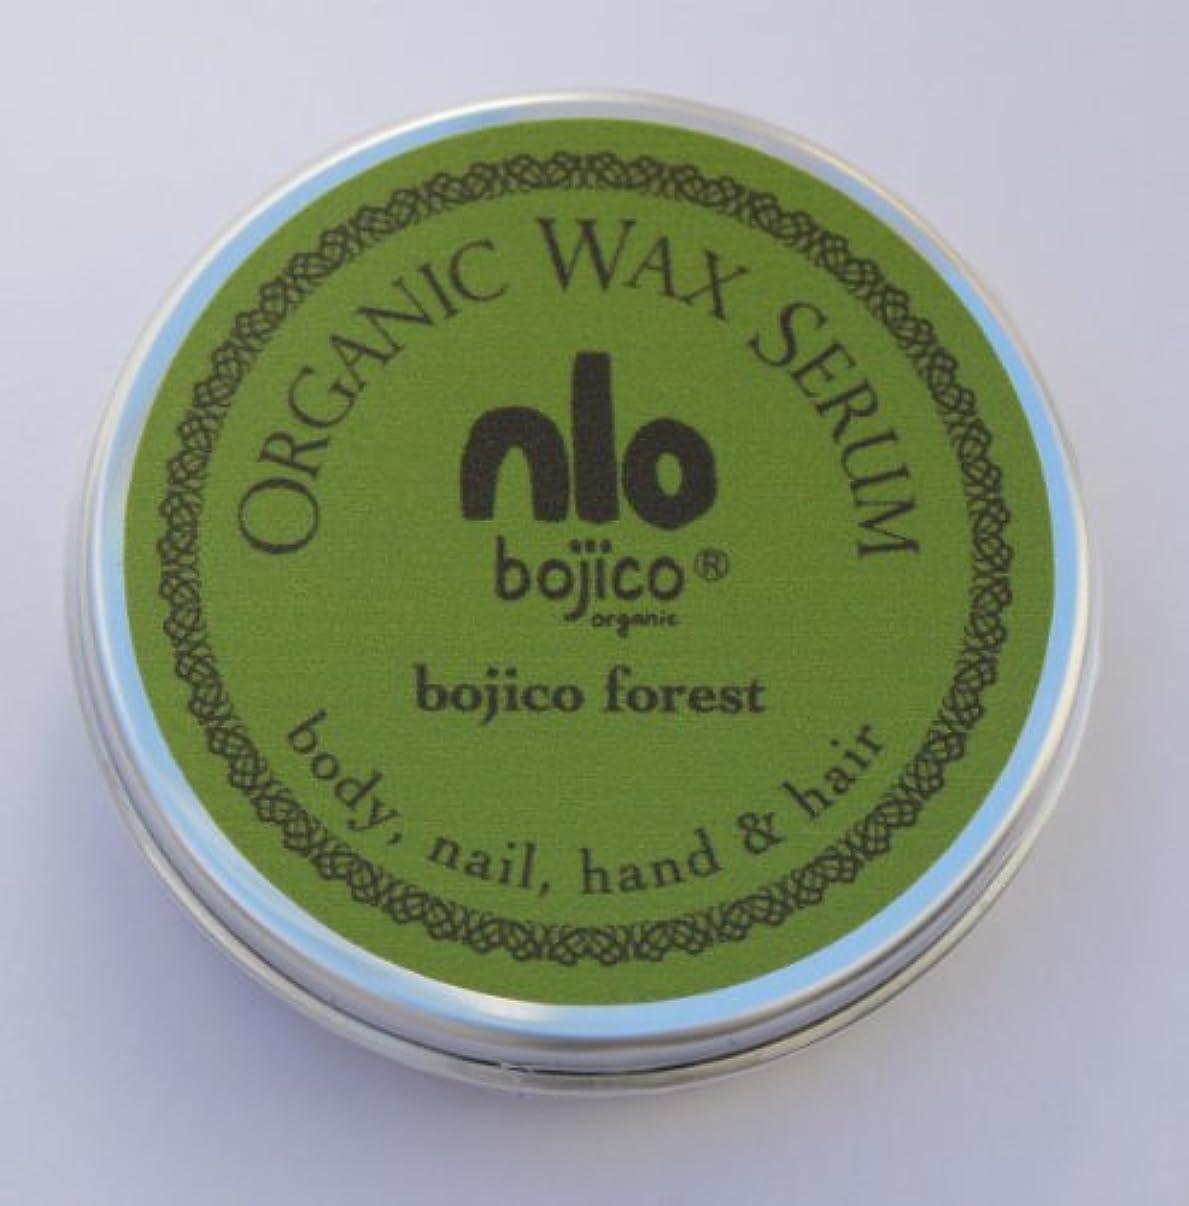 簡潔な大腿オデュッセウスbojico オーガニック ワックス セラム<フォレスト> Organic Wax Serum 18g